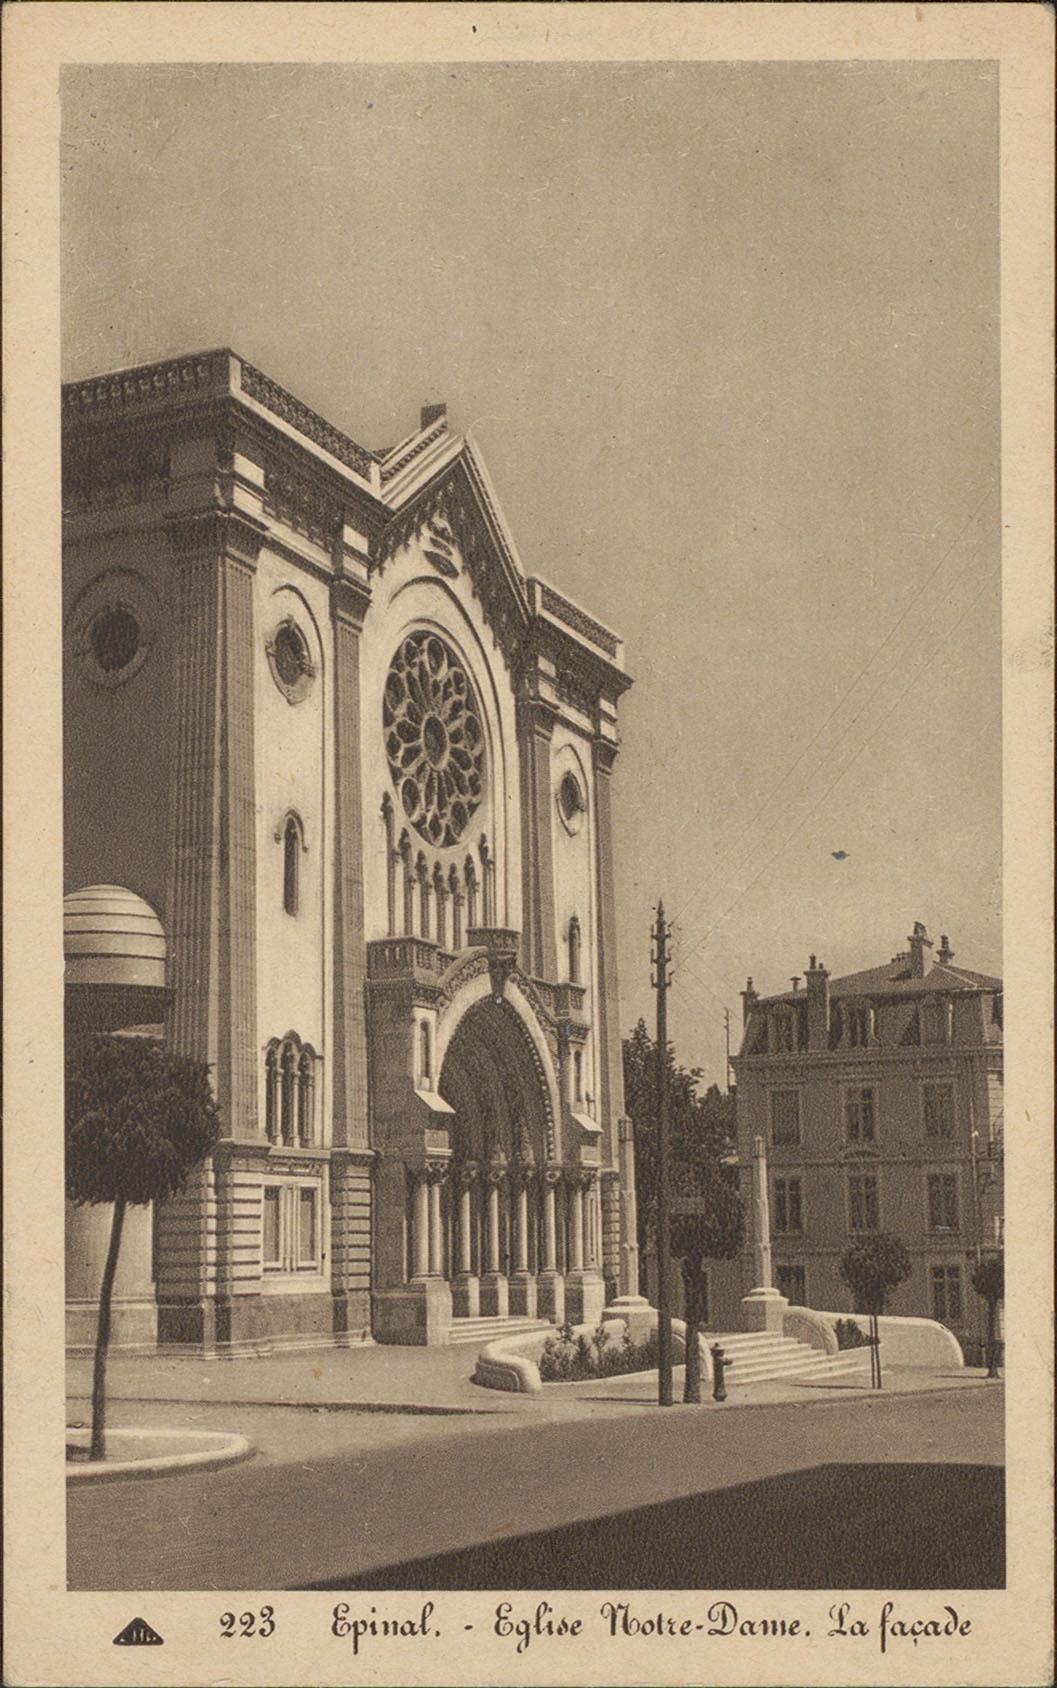 Contenu du Épinal, Église Notre-Dame, La façade